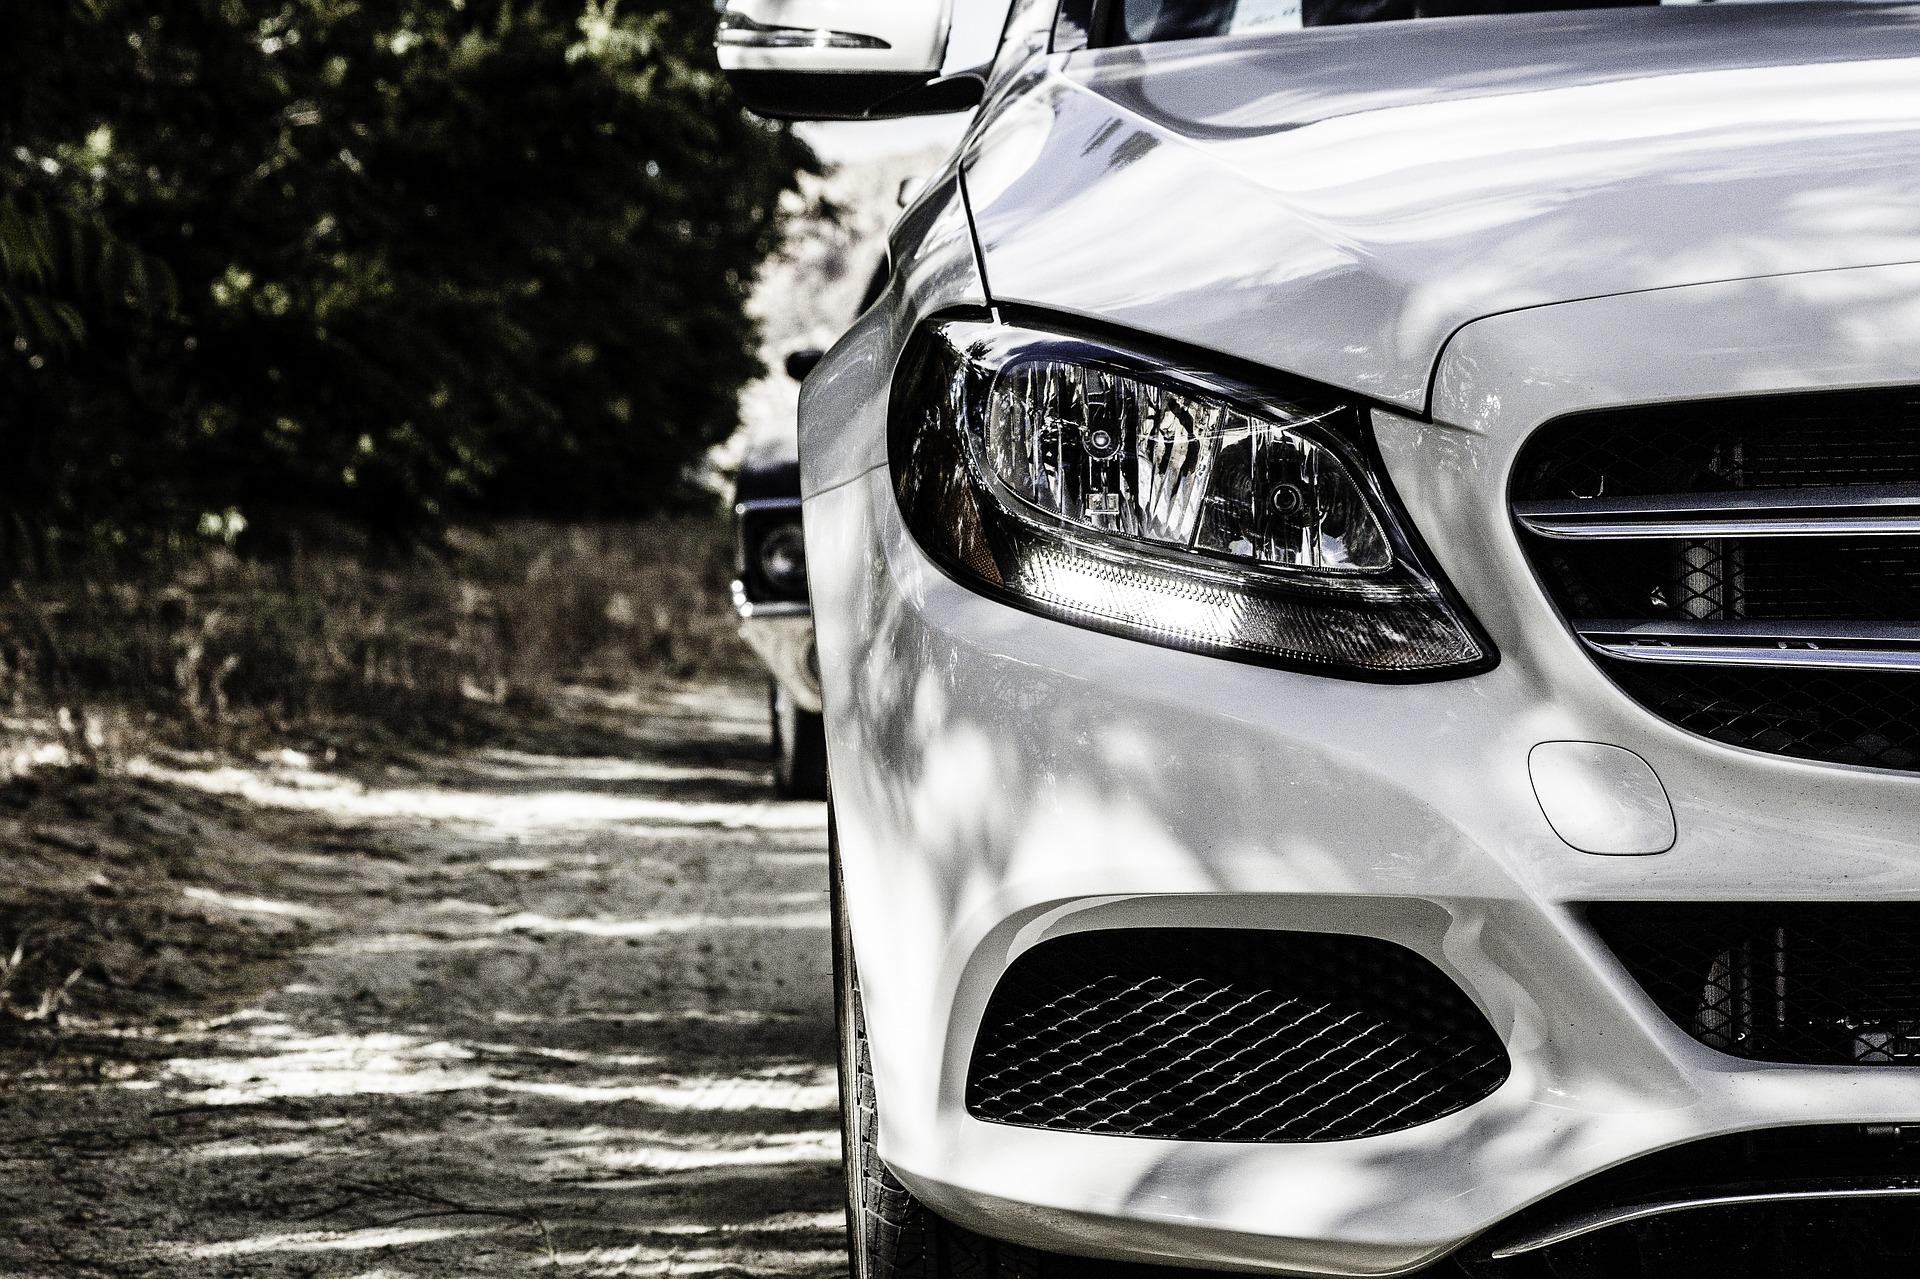 Svěřte svůj automobil do rukou odborníků